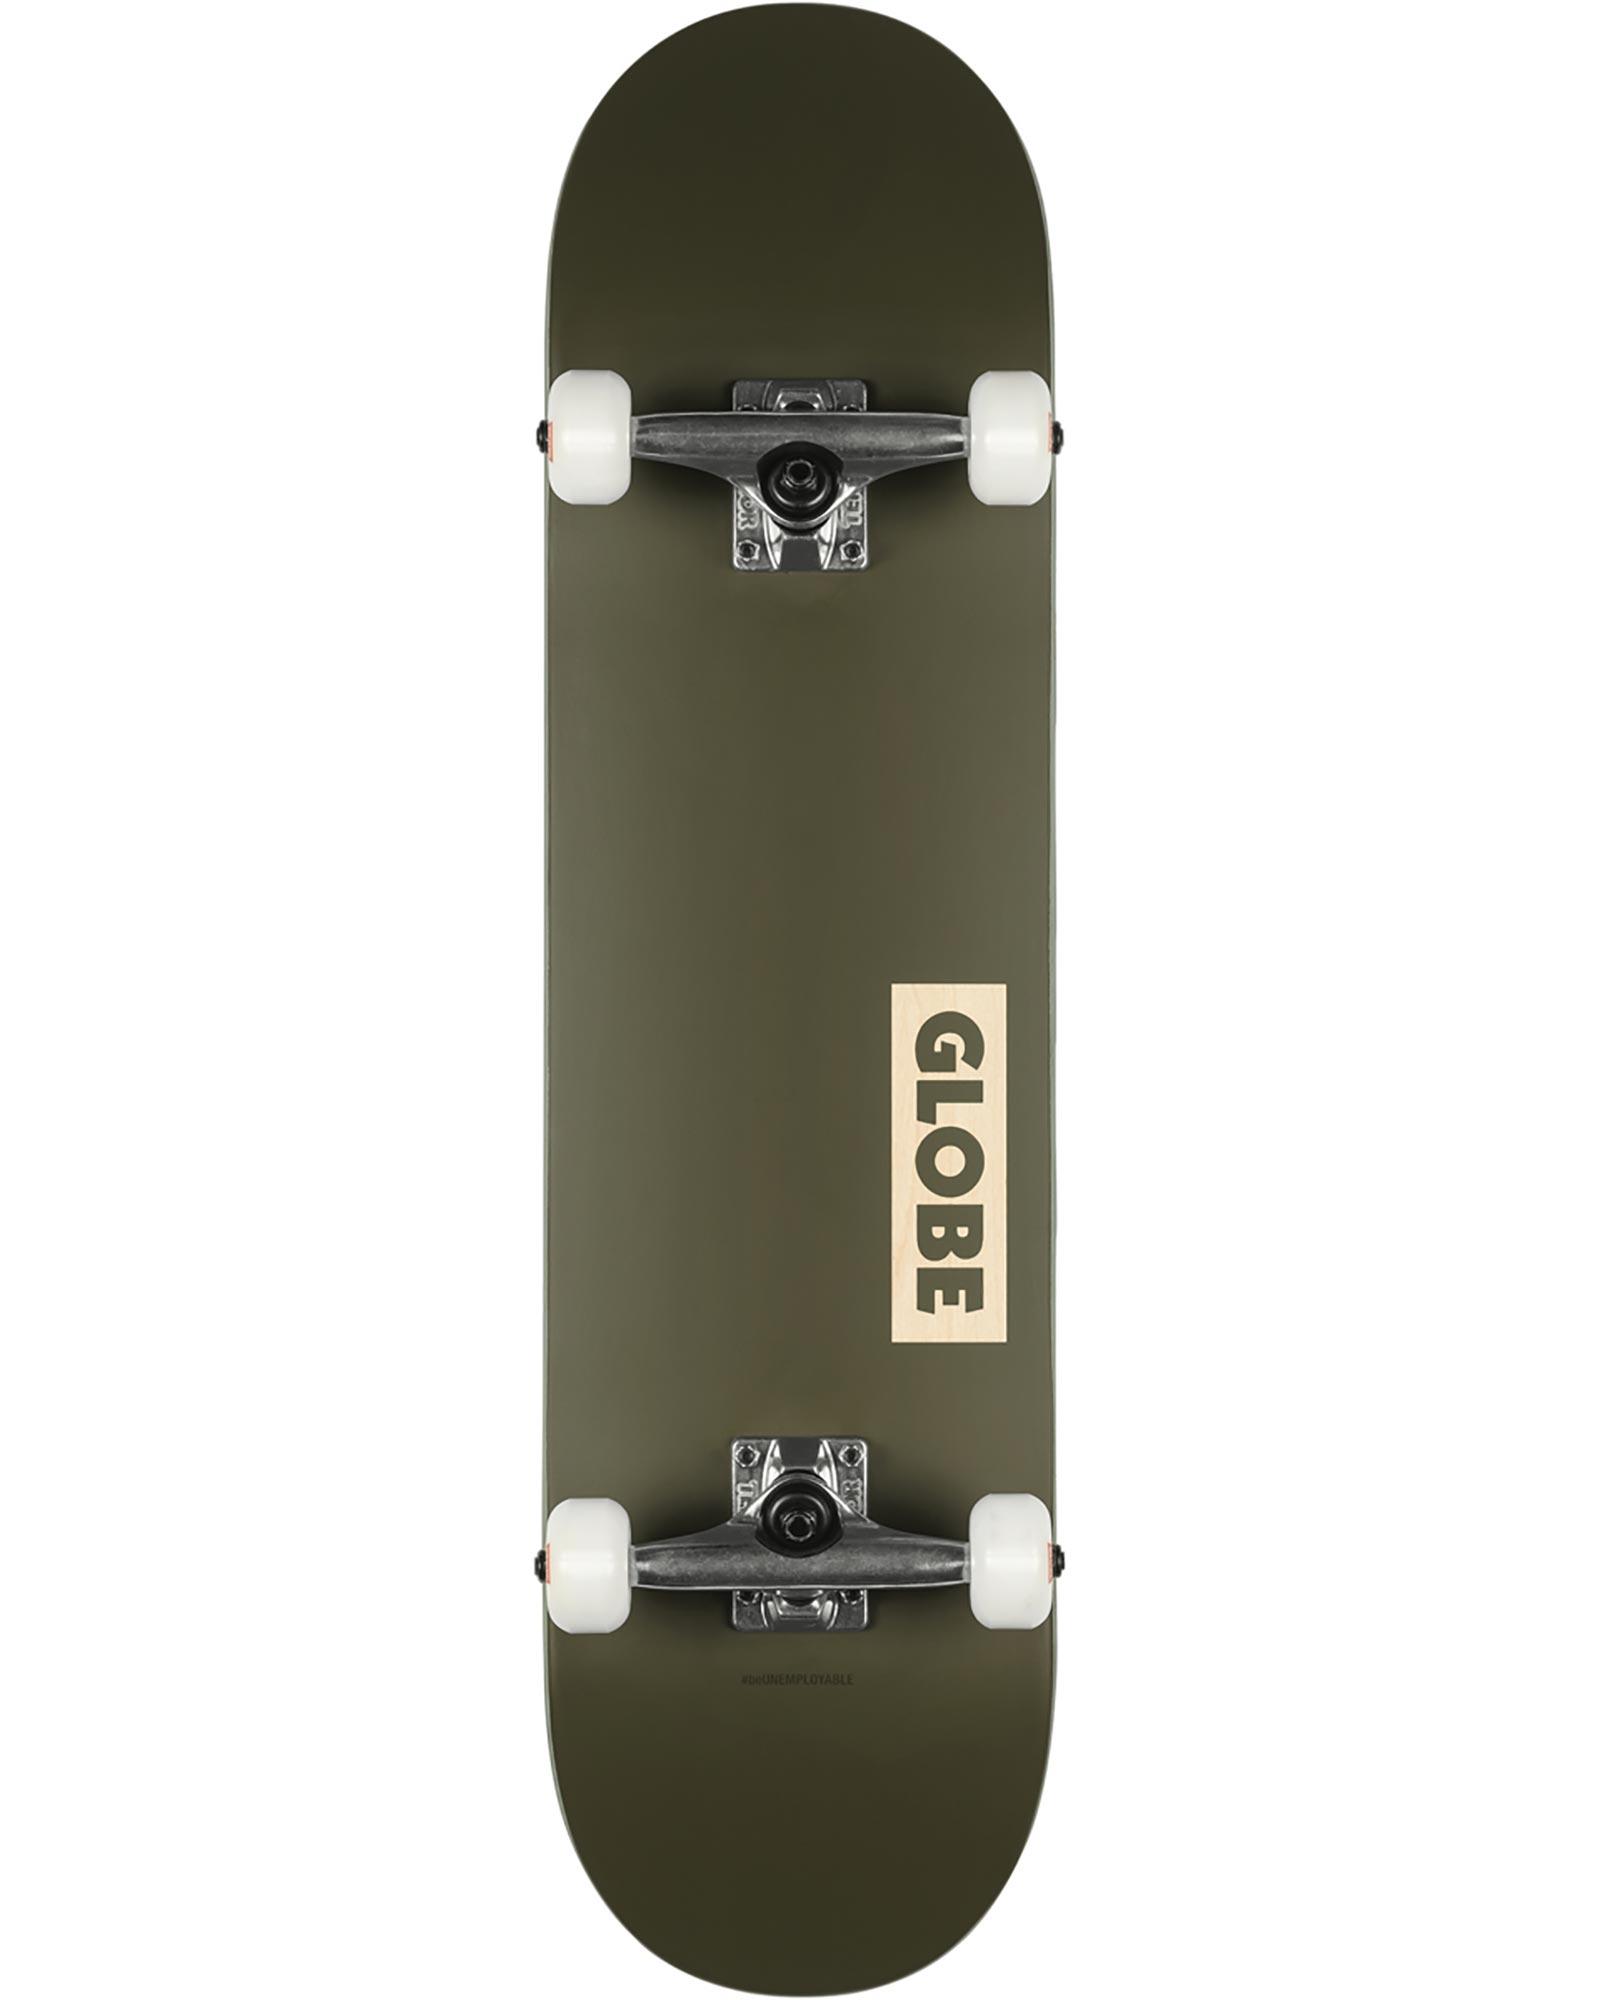 GLOBE Goodstock Complete Skateboard 0